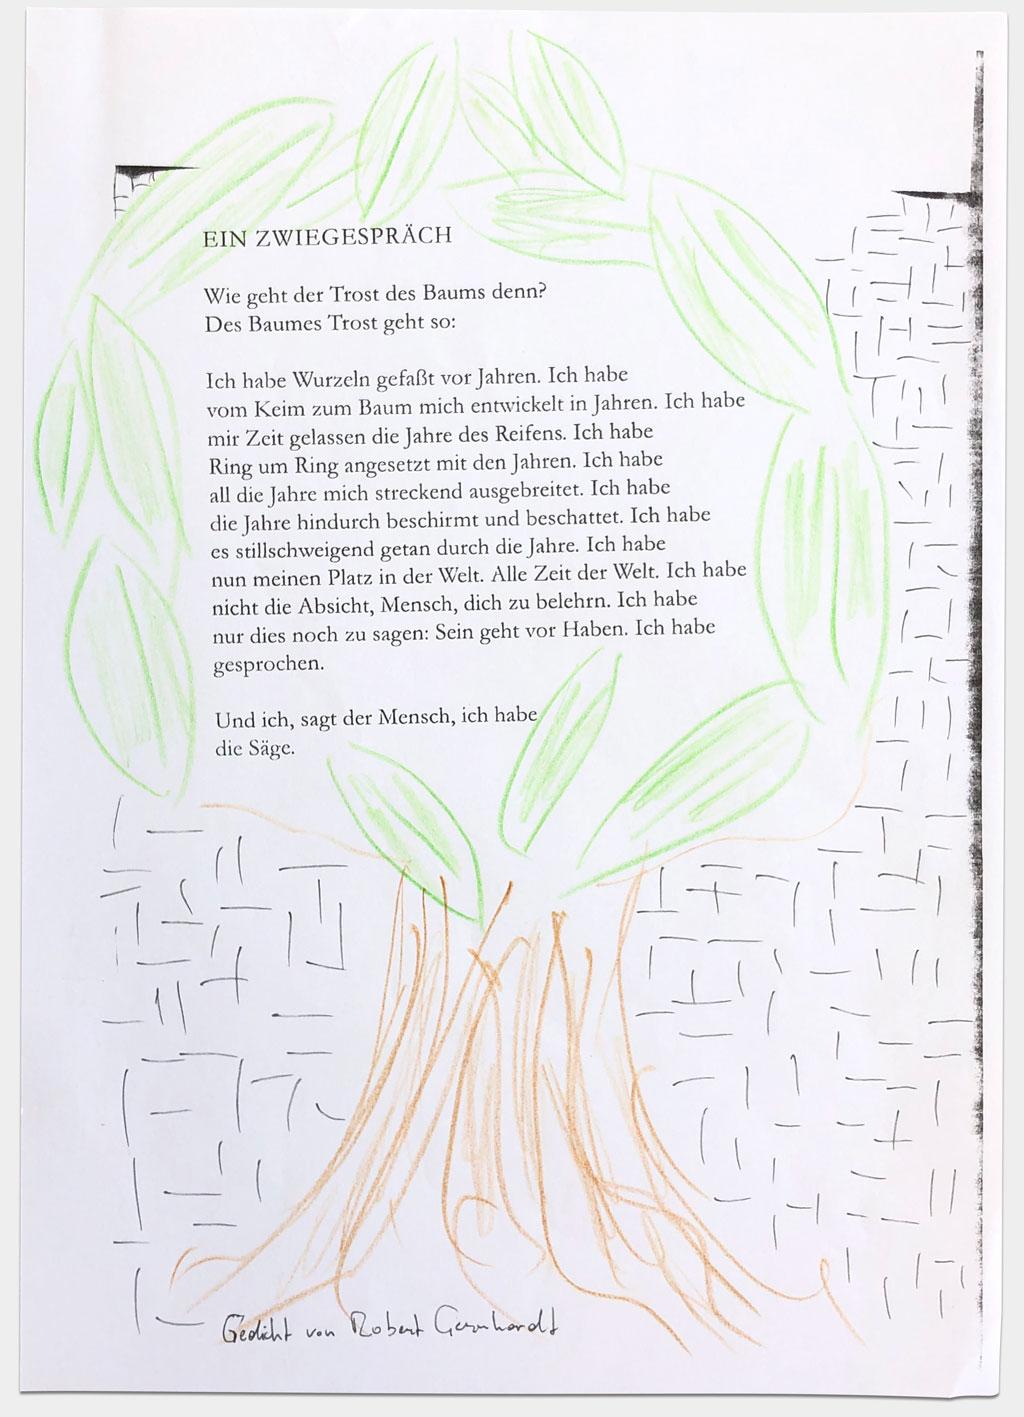 """Obonya, Cornelius, Schauspieler, """"Zwiegespräch"""", 29x21 cm, Buntstift/Druck auf Papier"""